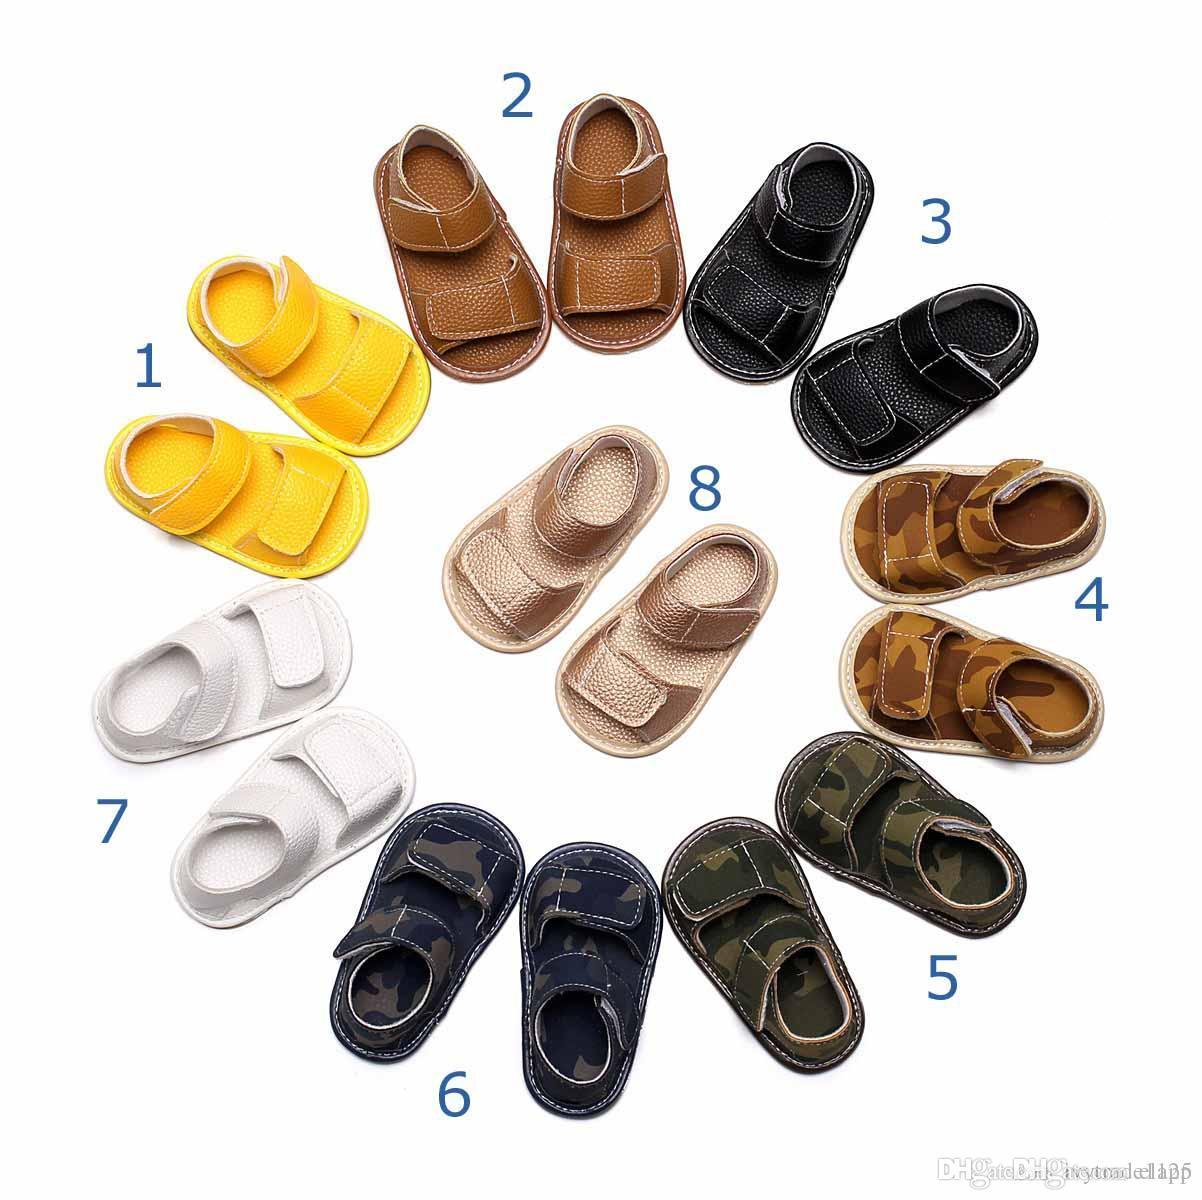 Primeros Zapatos Suave Recién De Colores Sandalia Bebé Niña Infantiles Boutique Camuflaje Niño Caminantes 9 Llegados WEY29DHIe